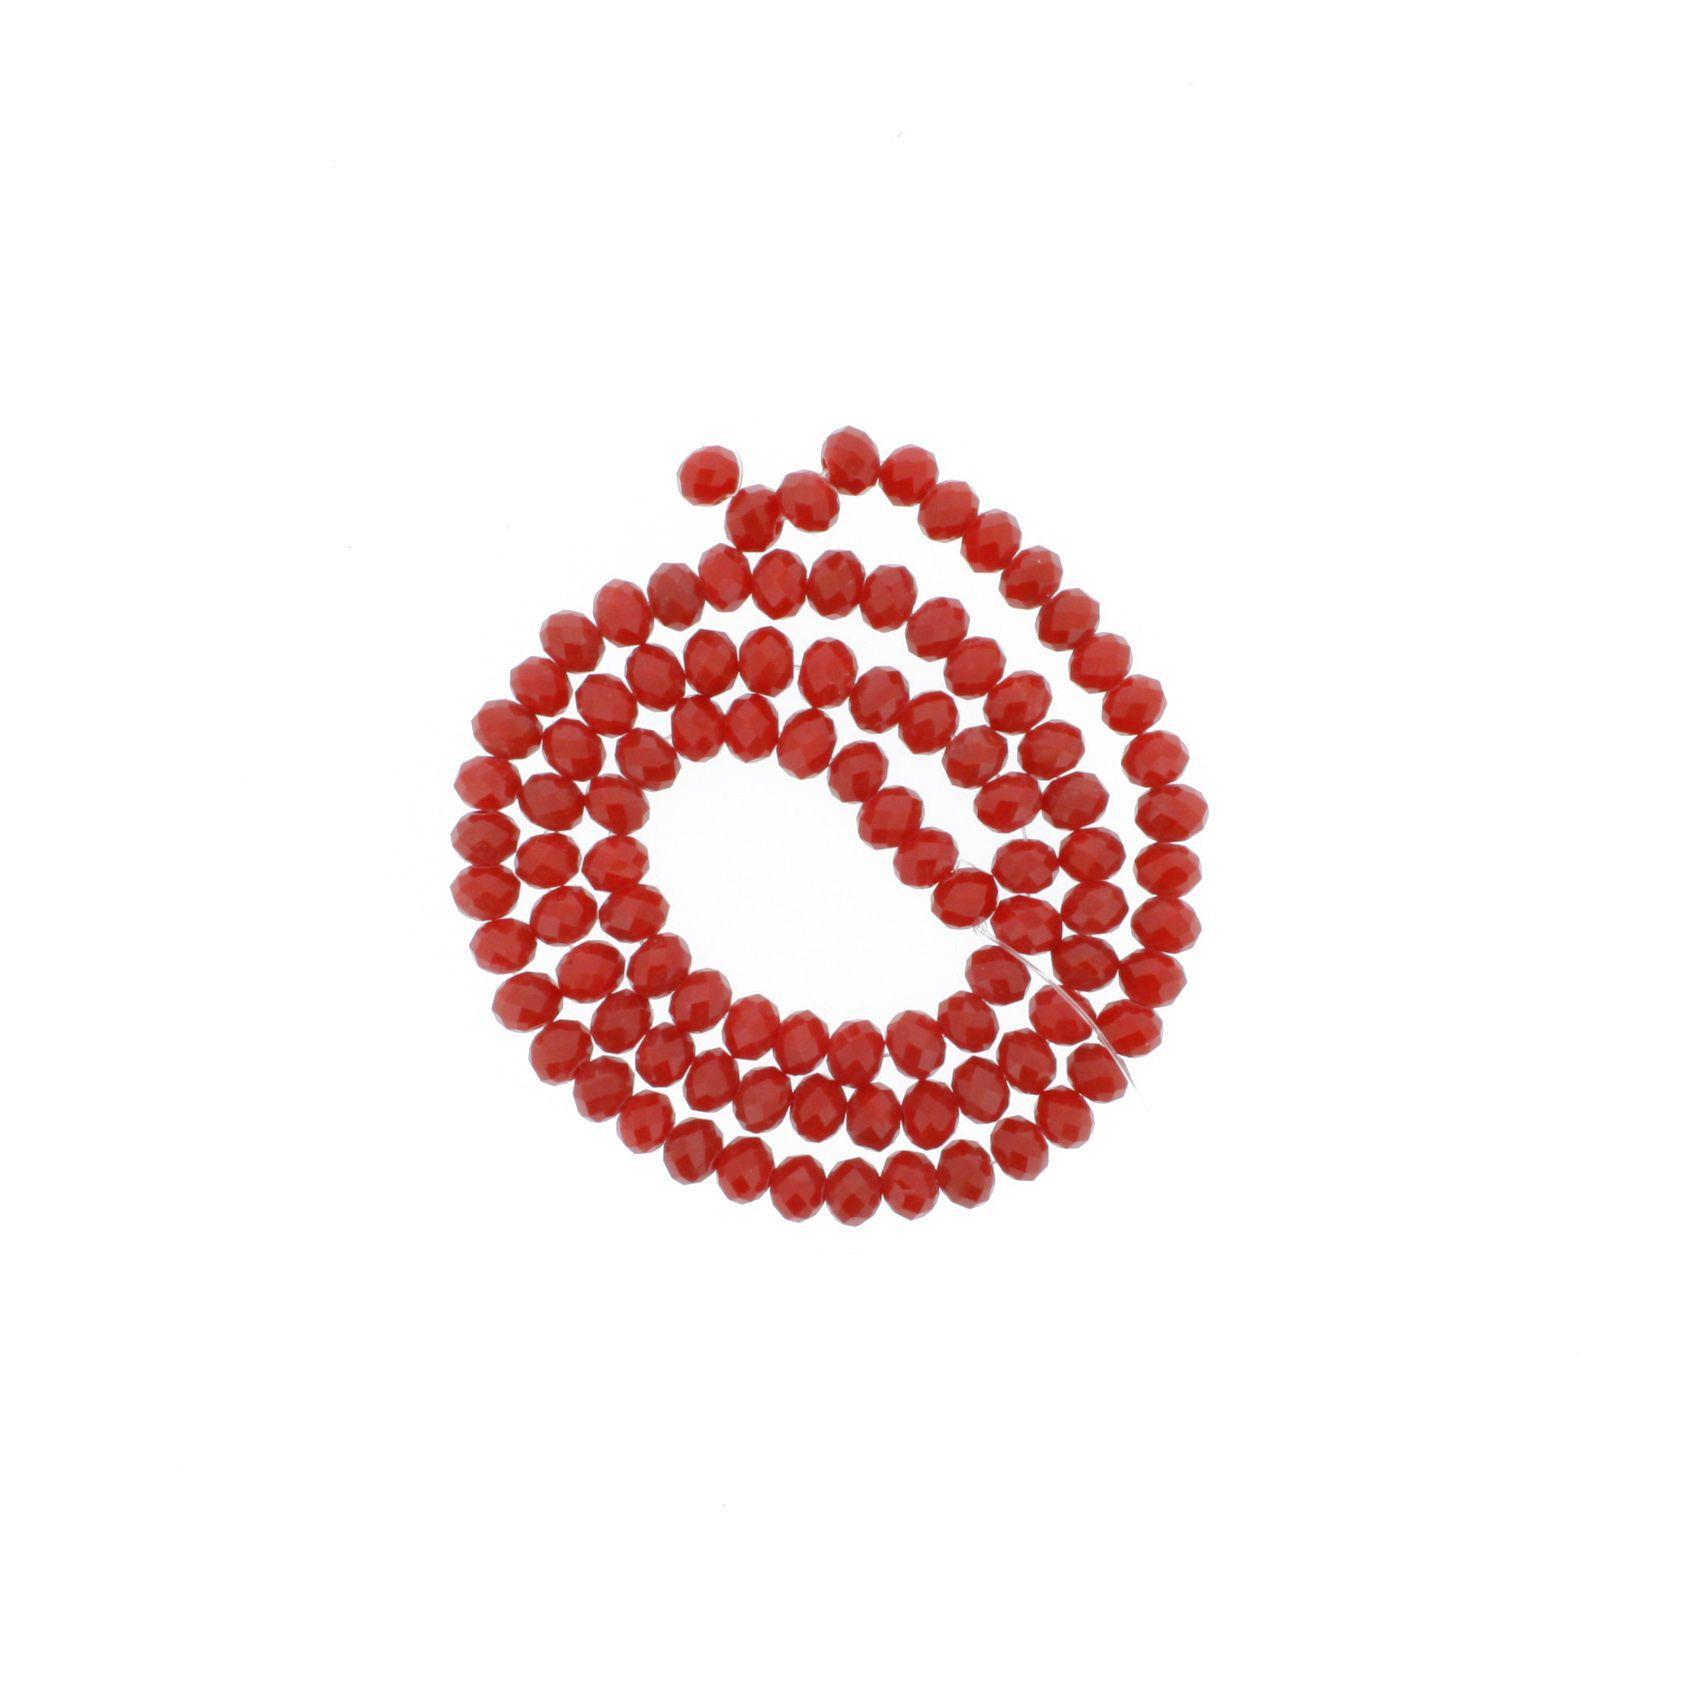 Fio de Cristal - Flat® - Vermelho Transparente - 6mm  - Stéphanie Bijoux® - Peças para Bijuterias e Artesanato